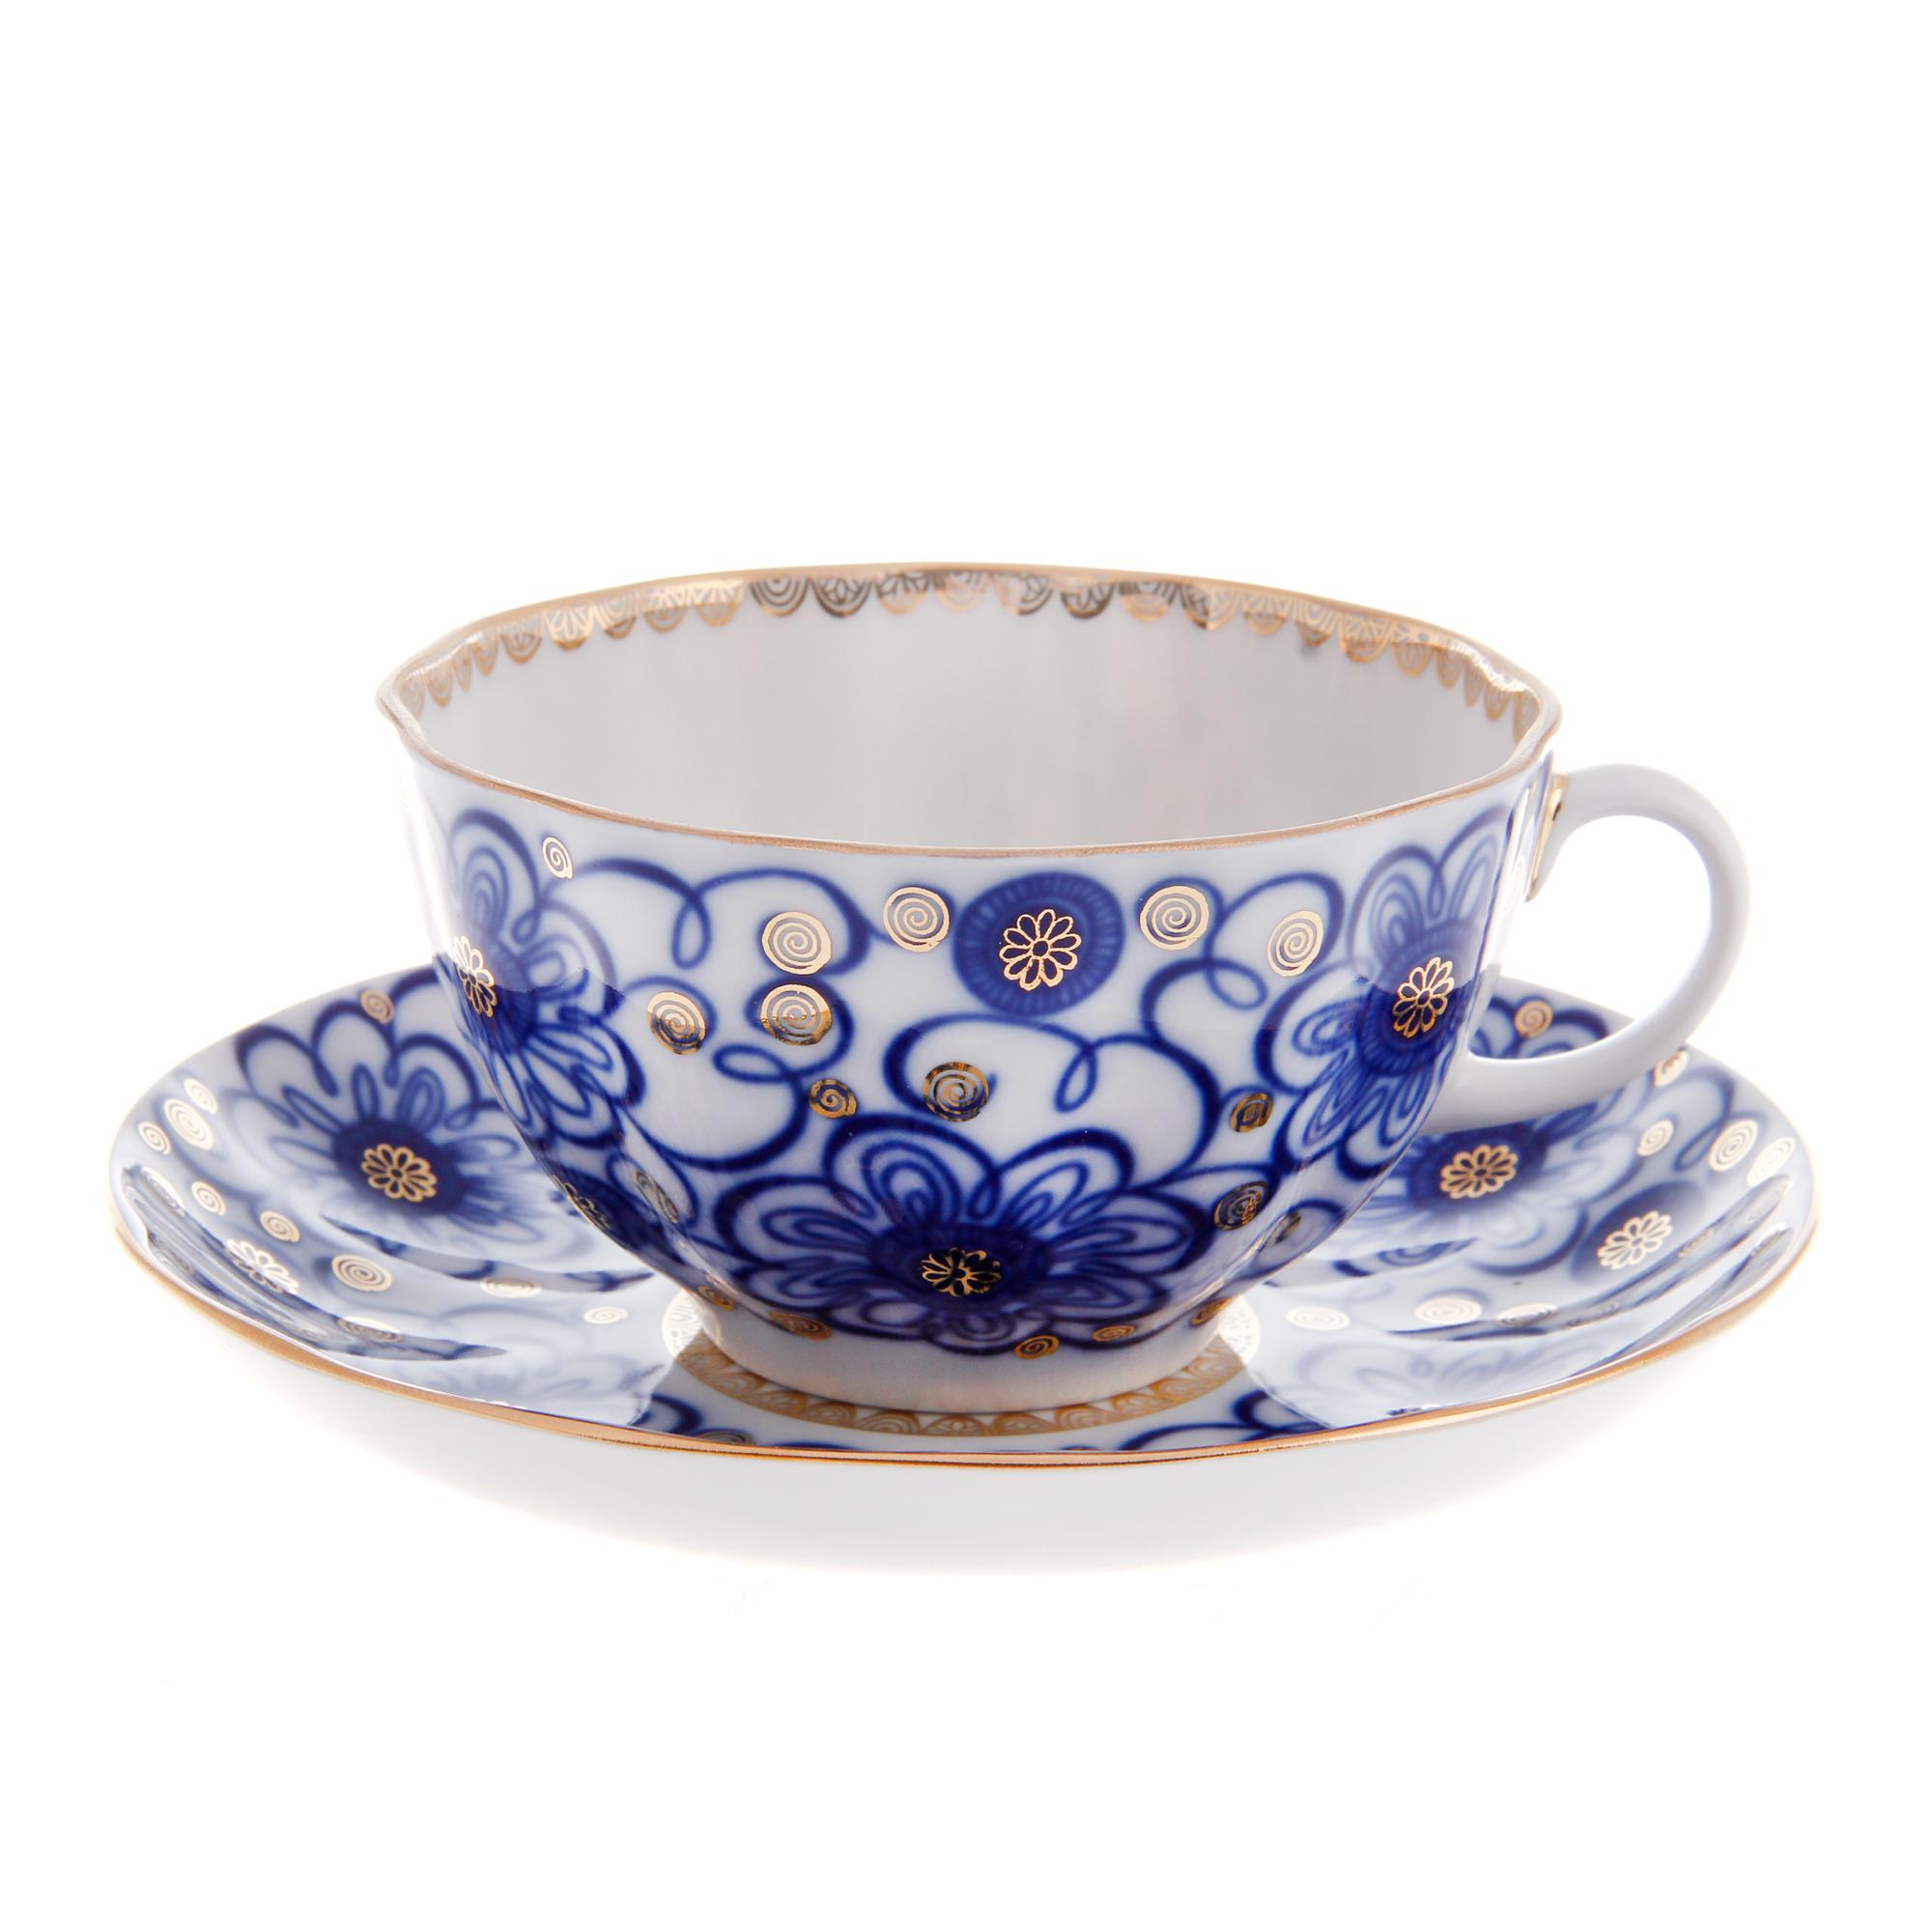 Чашка с блюдцем чайная, форма тюльпан - вьюнок Лфз